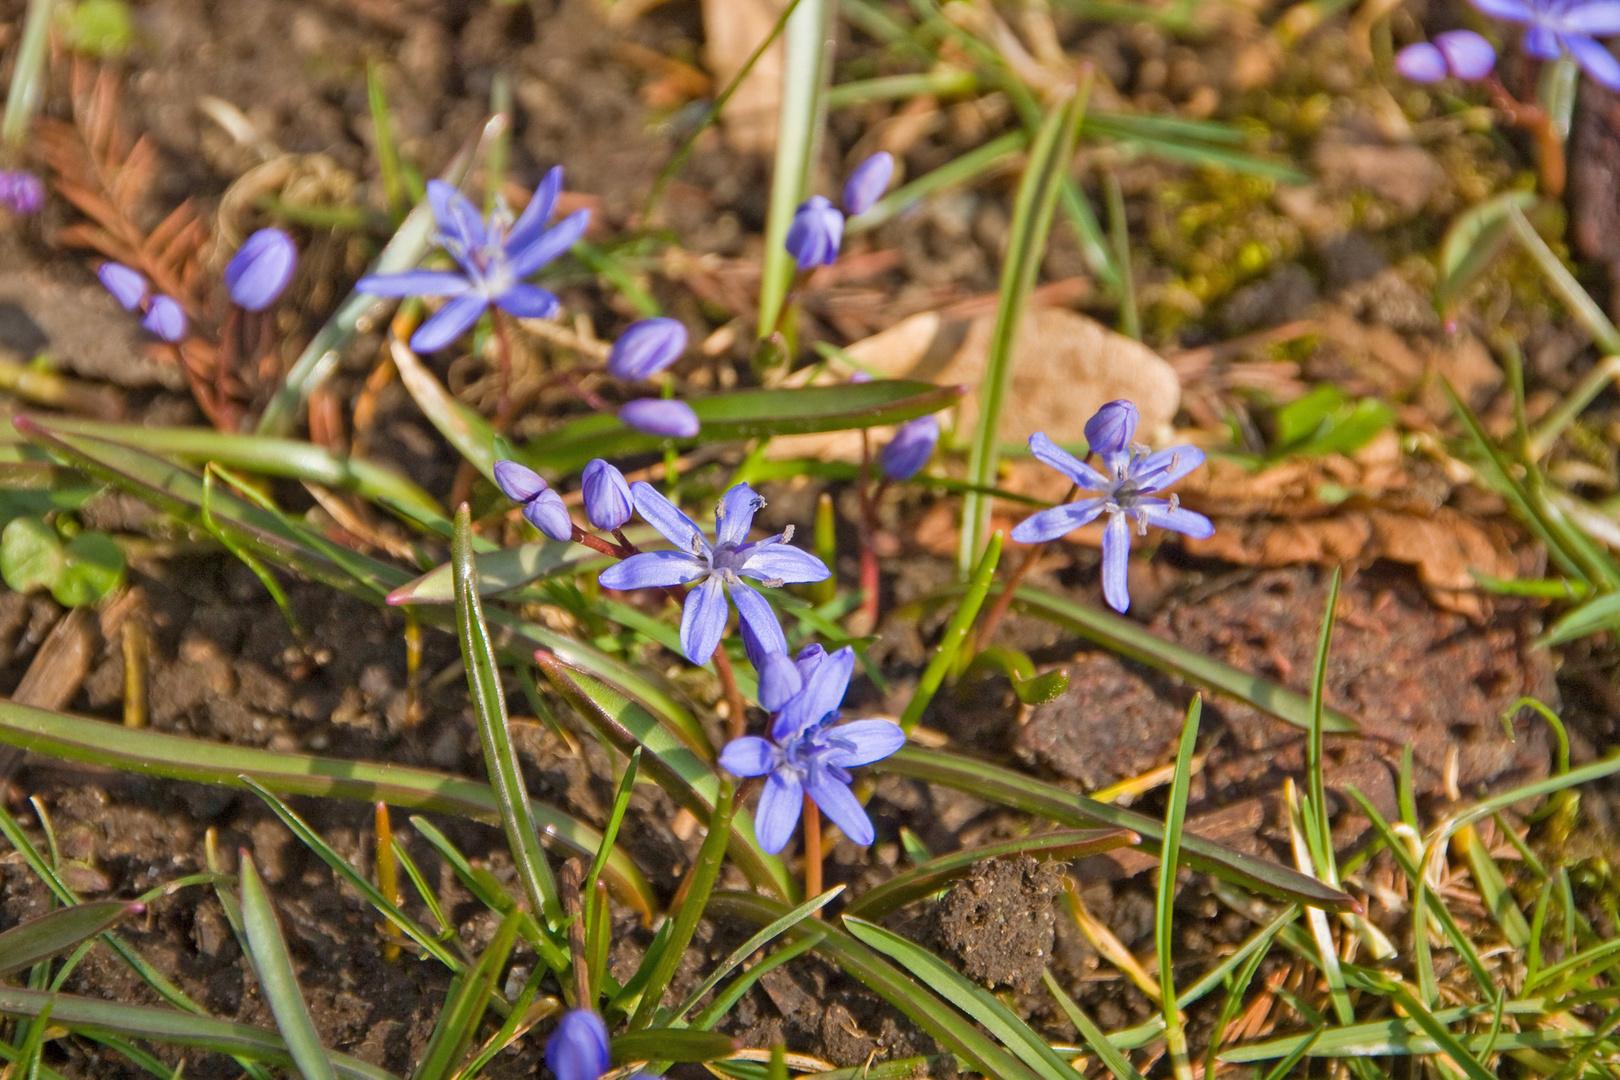 Erste Frühlingsboten trotzen der eisigen Kälte - Scillablüten